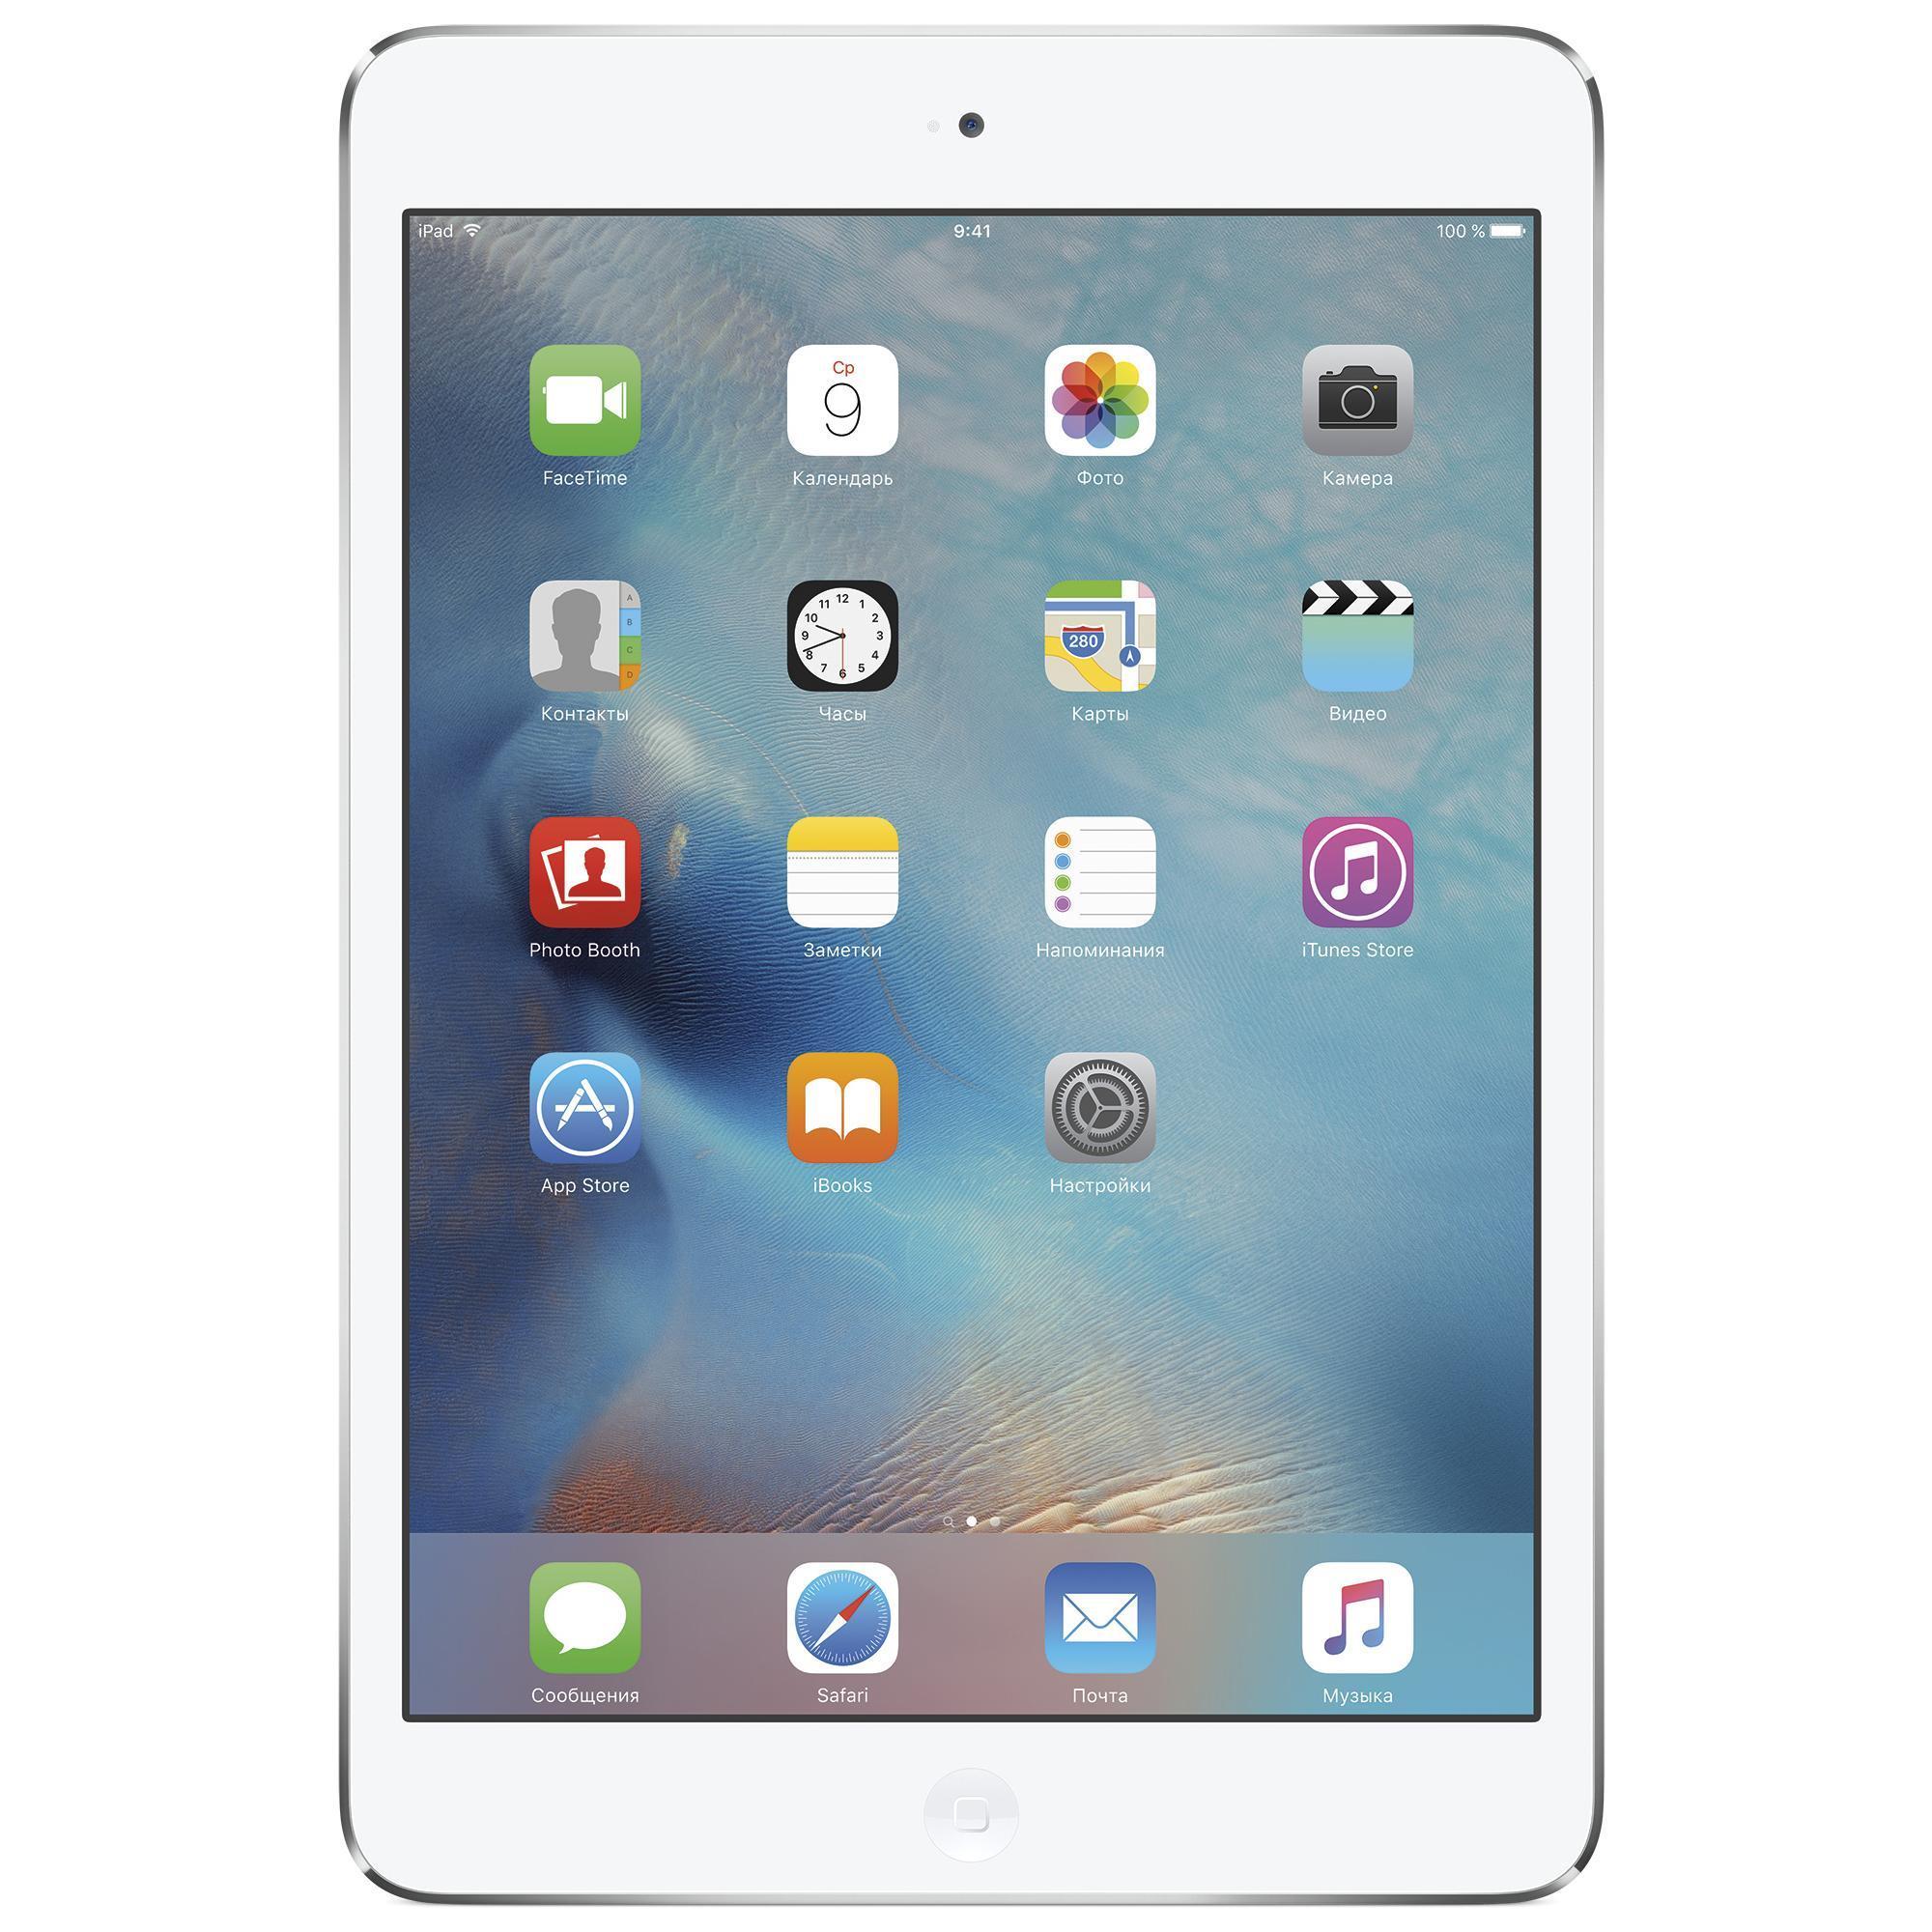 iPad mini 2 (2013) - WiFi + 4G